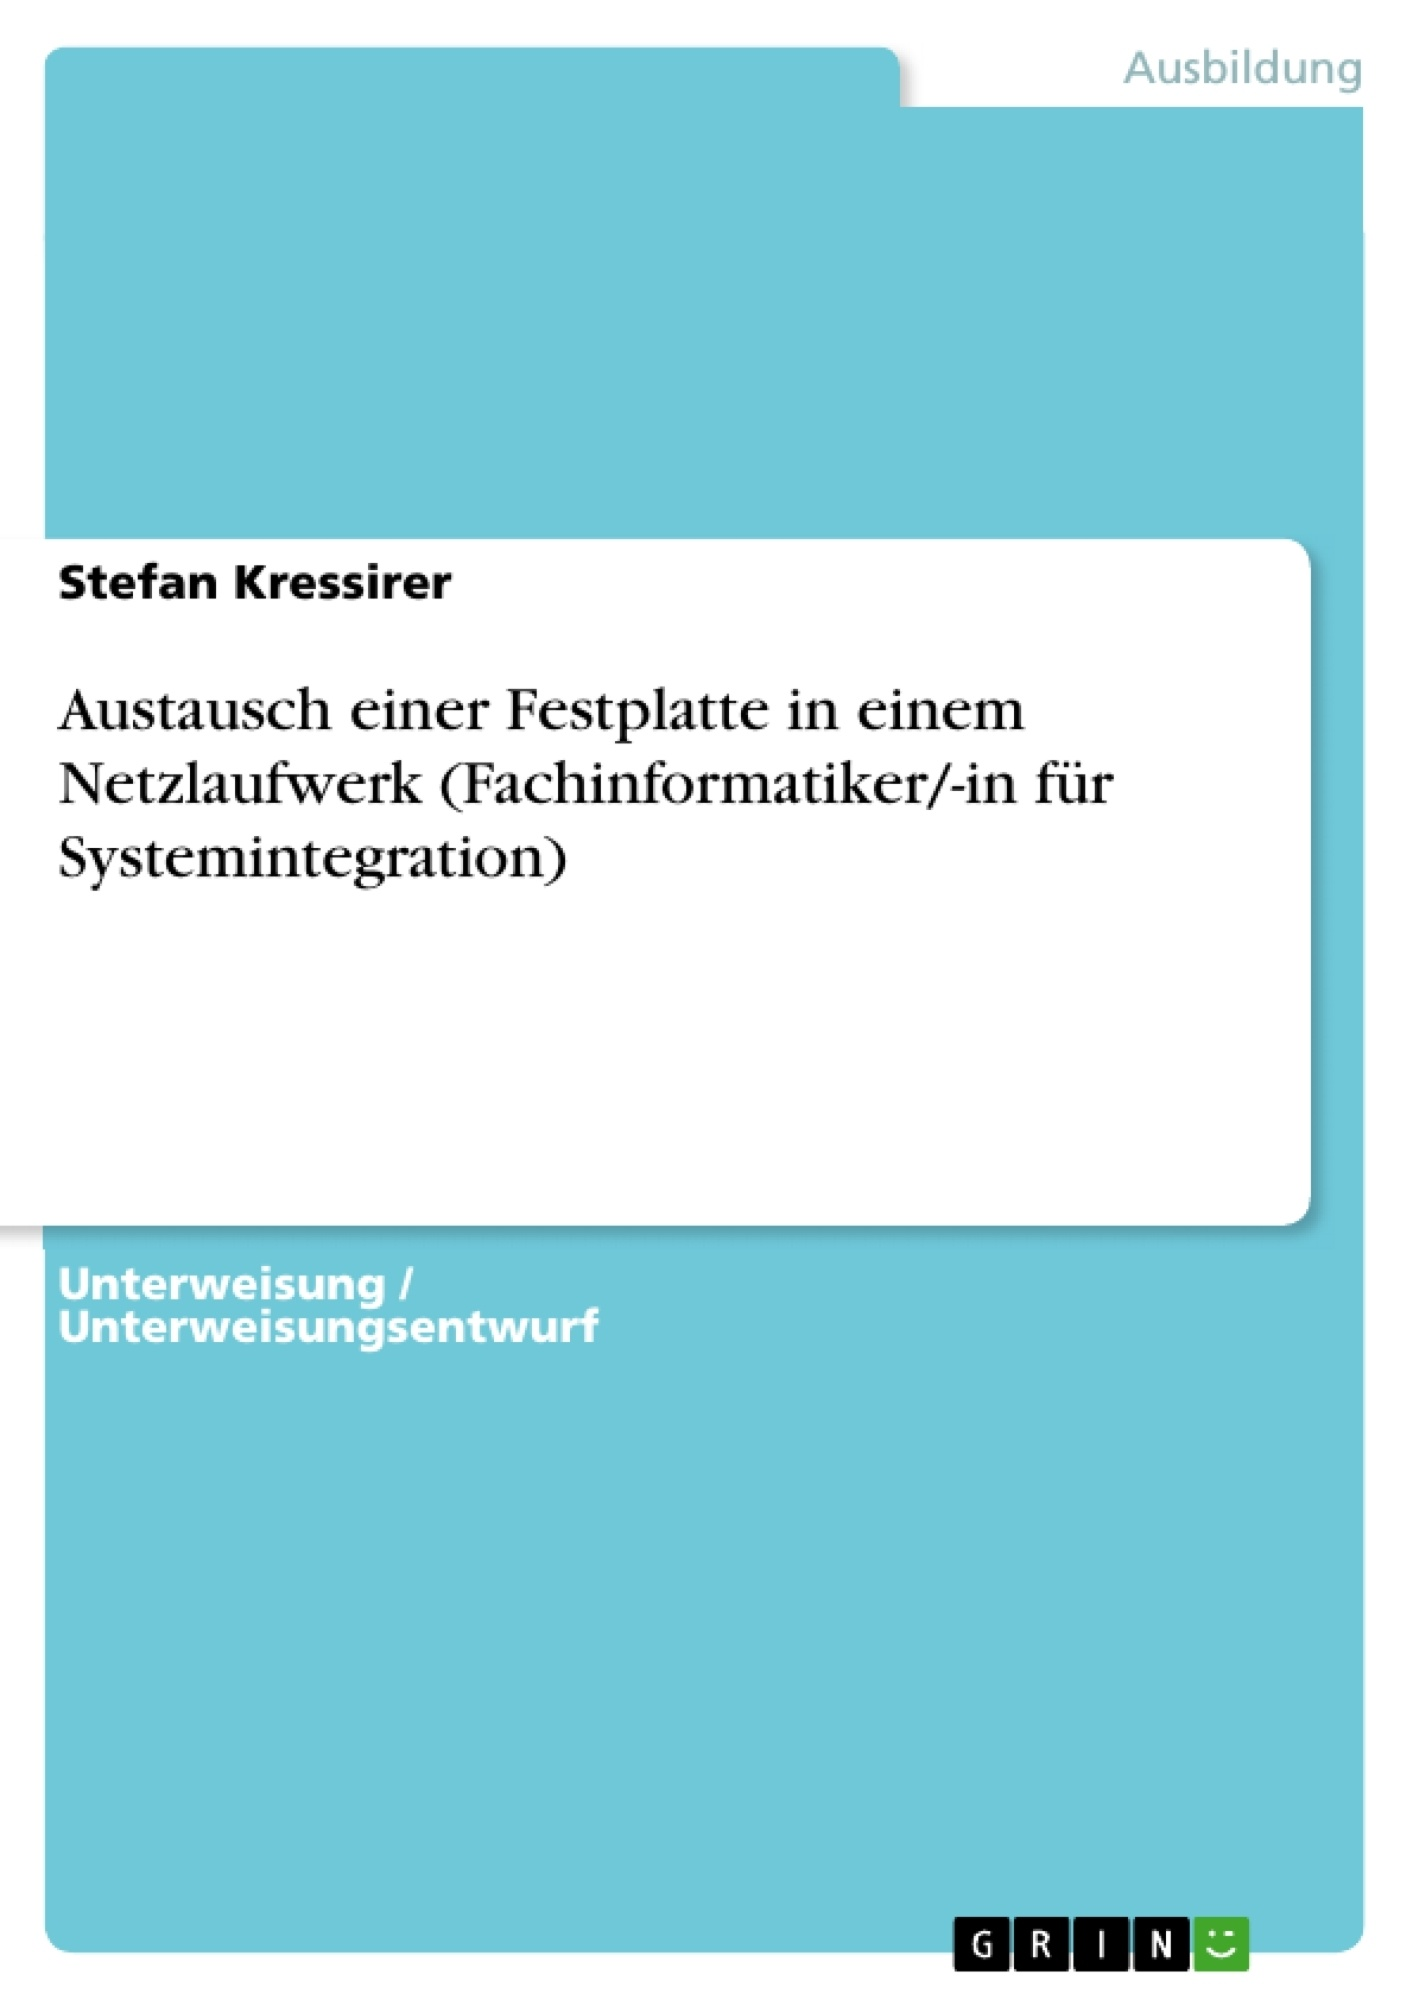 Titel: Austausch einer Festplatte in einem Netzlaufwerk (Fachinformatiker/-in für Systemintegration)